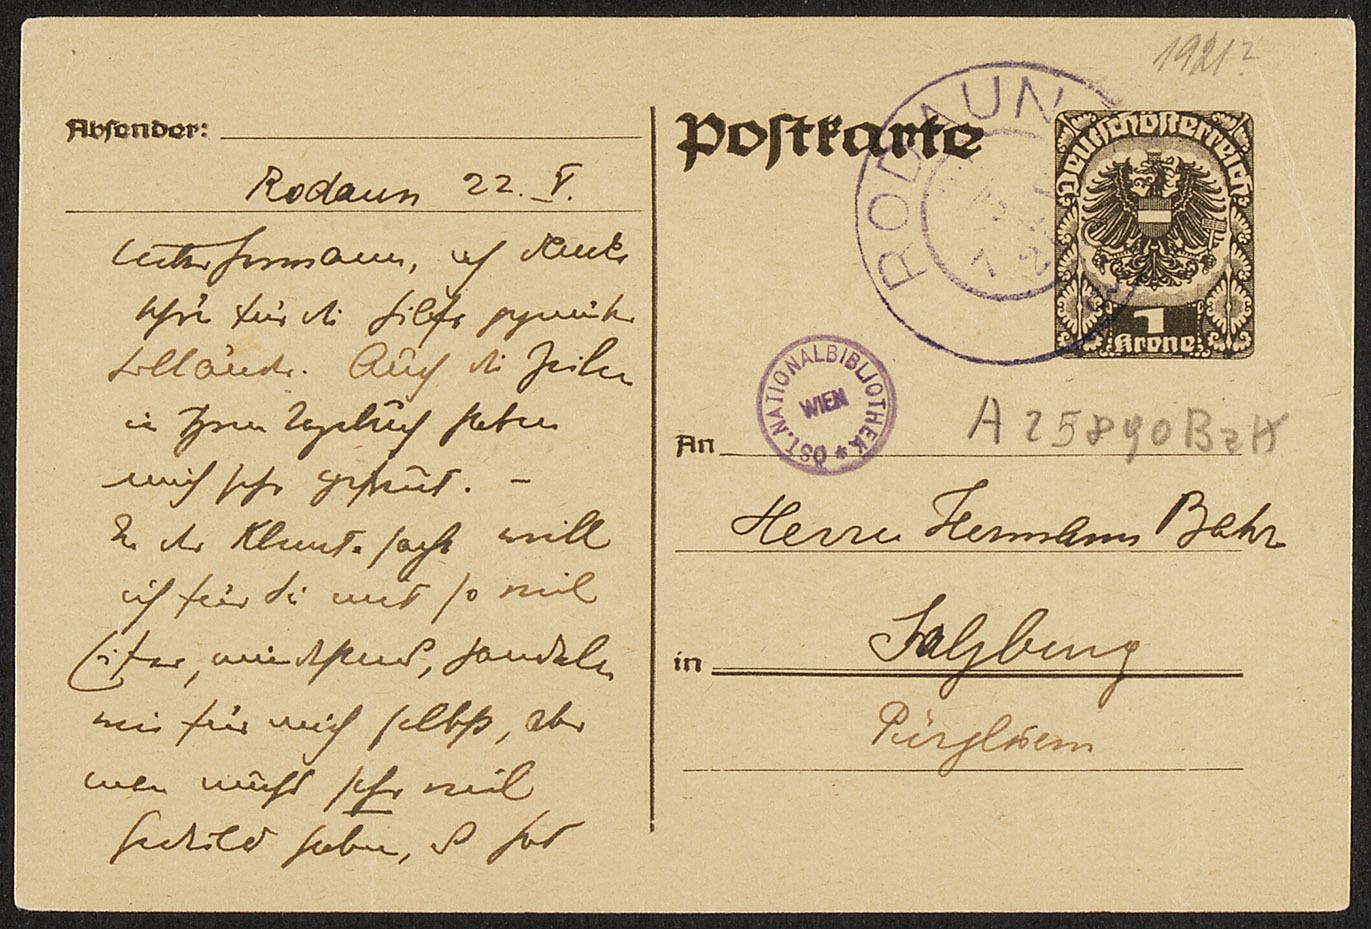 Postkarte von Hugo von Hofmannsthal